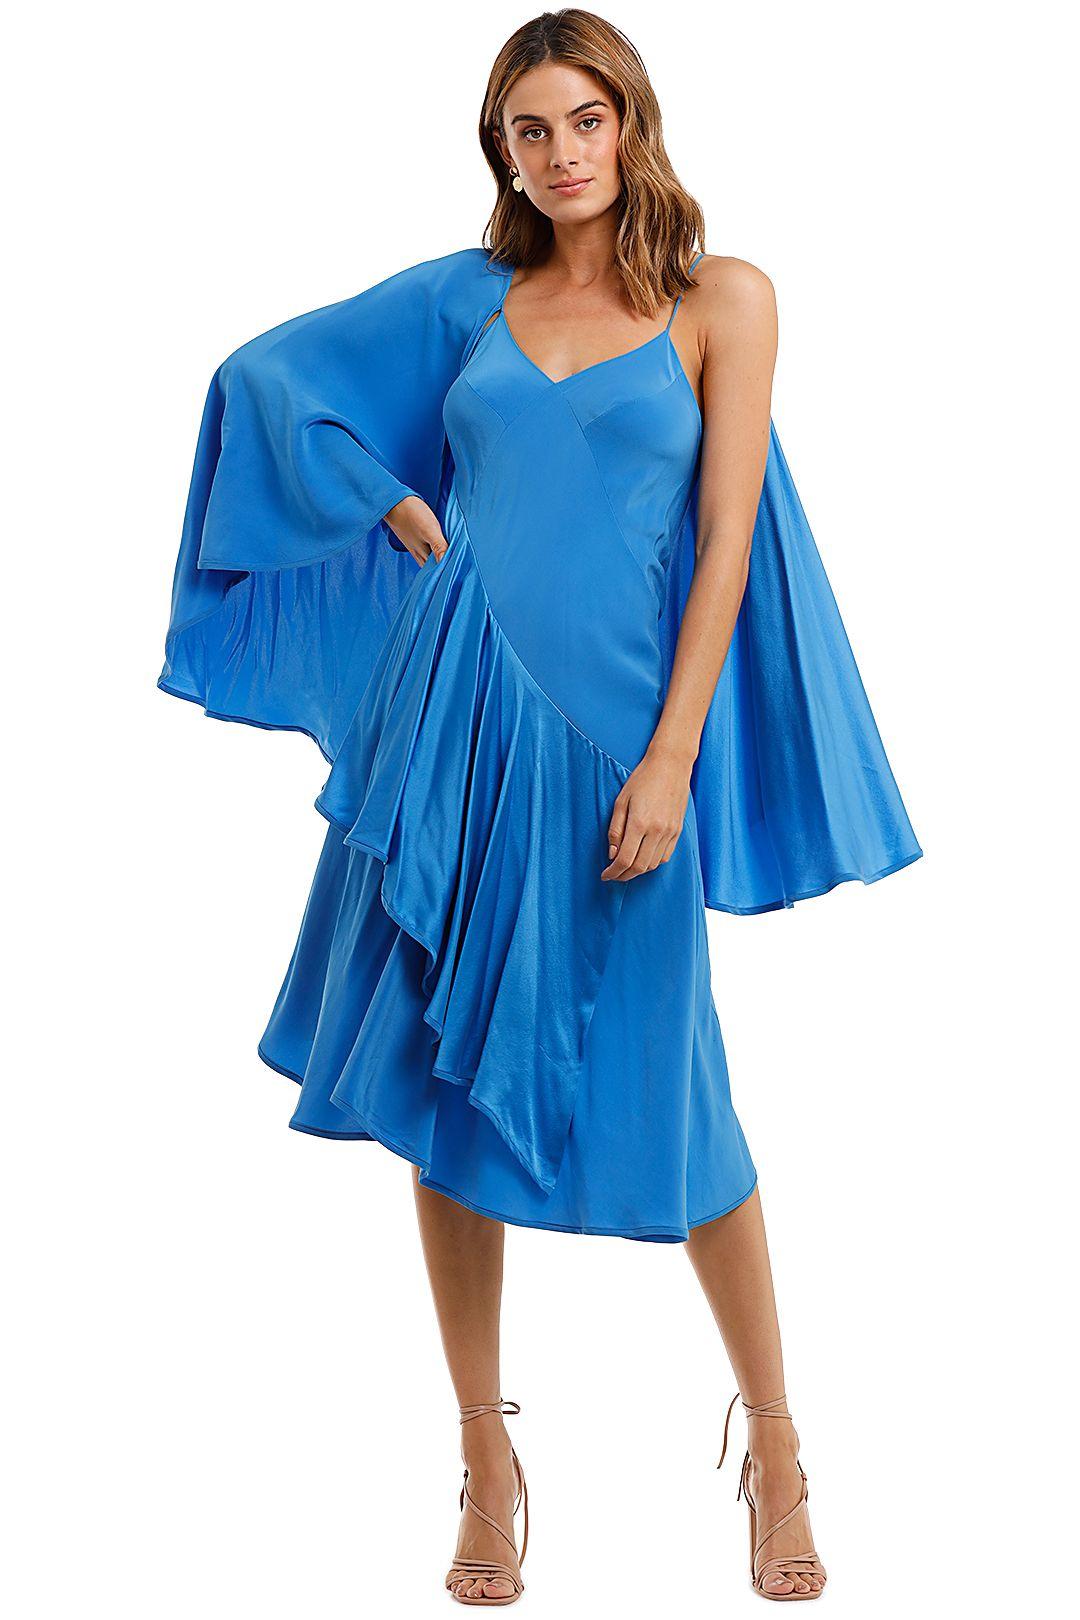 KITX Spiral Madness Dress blue